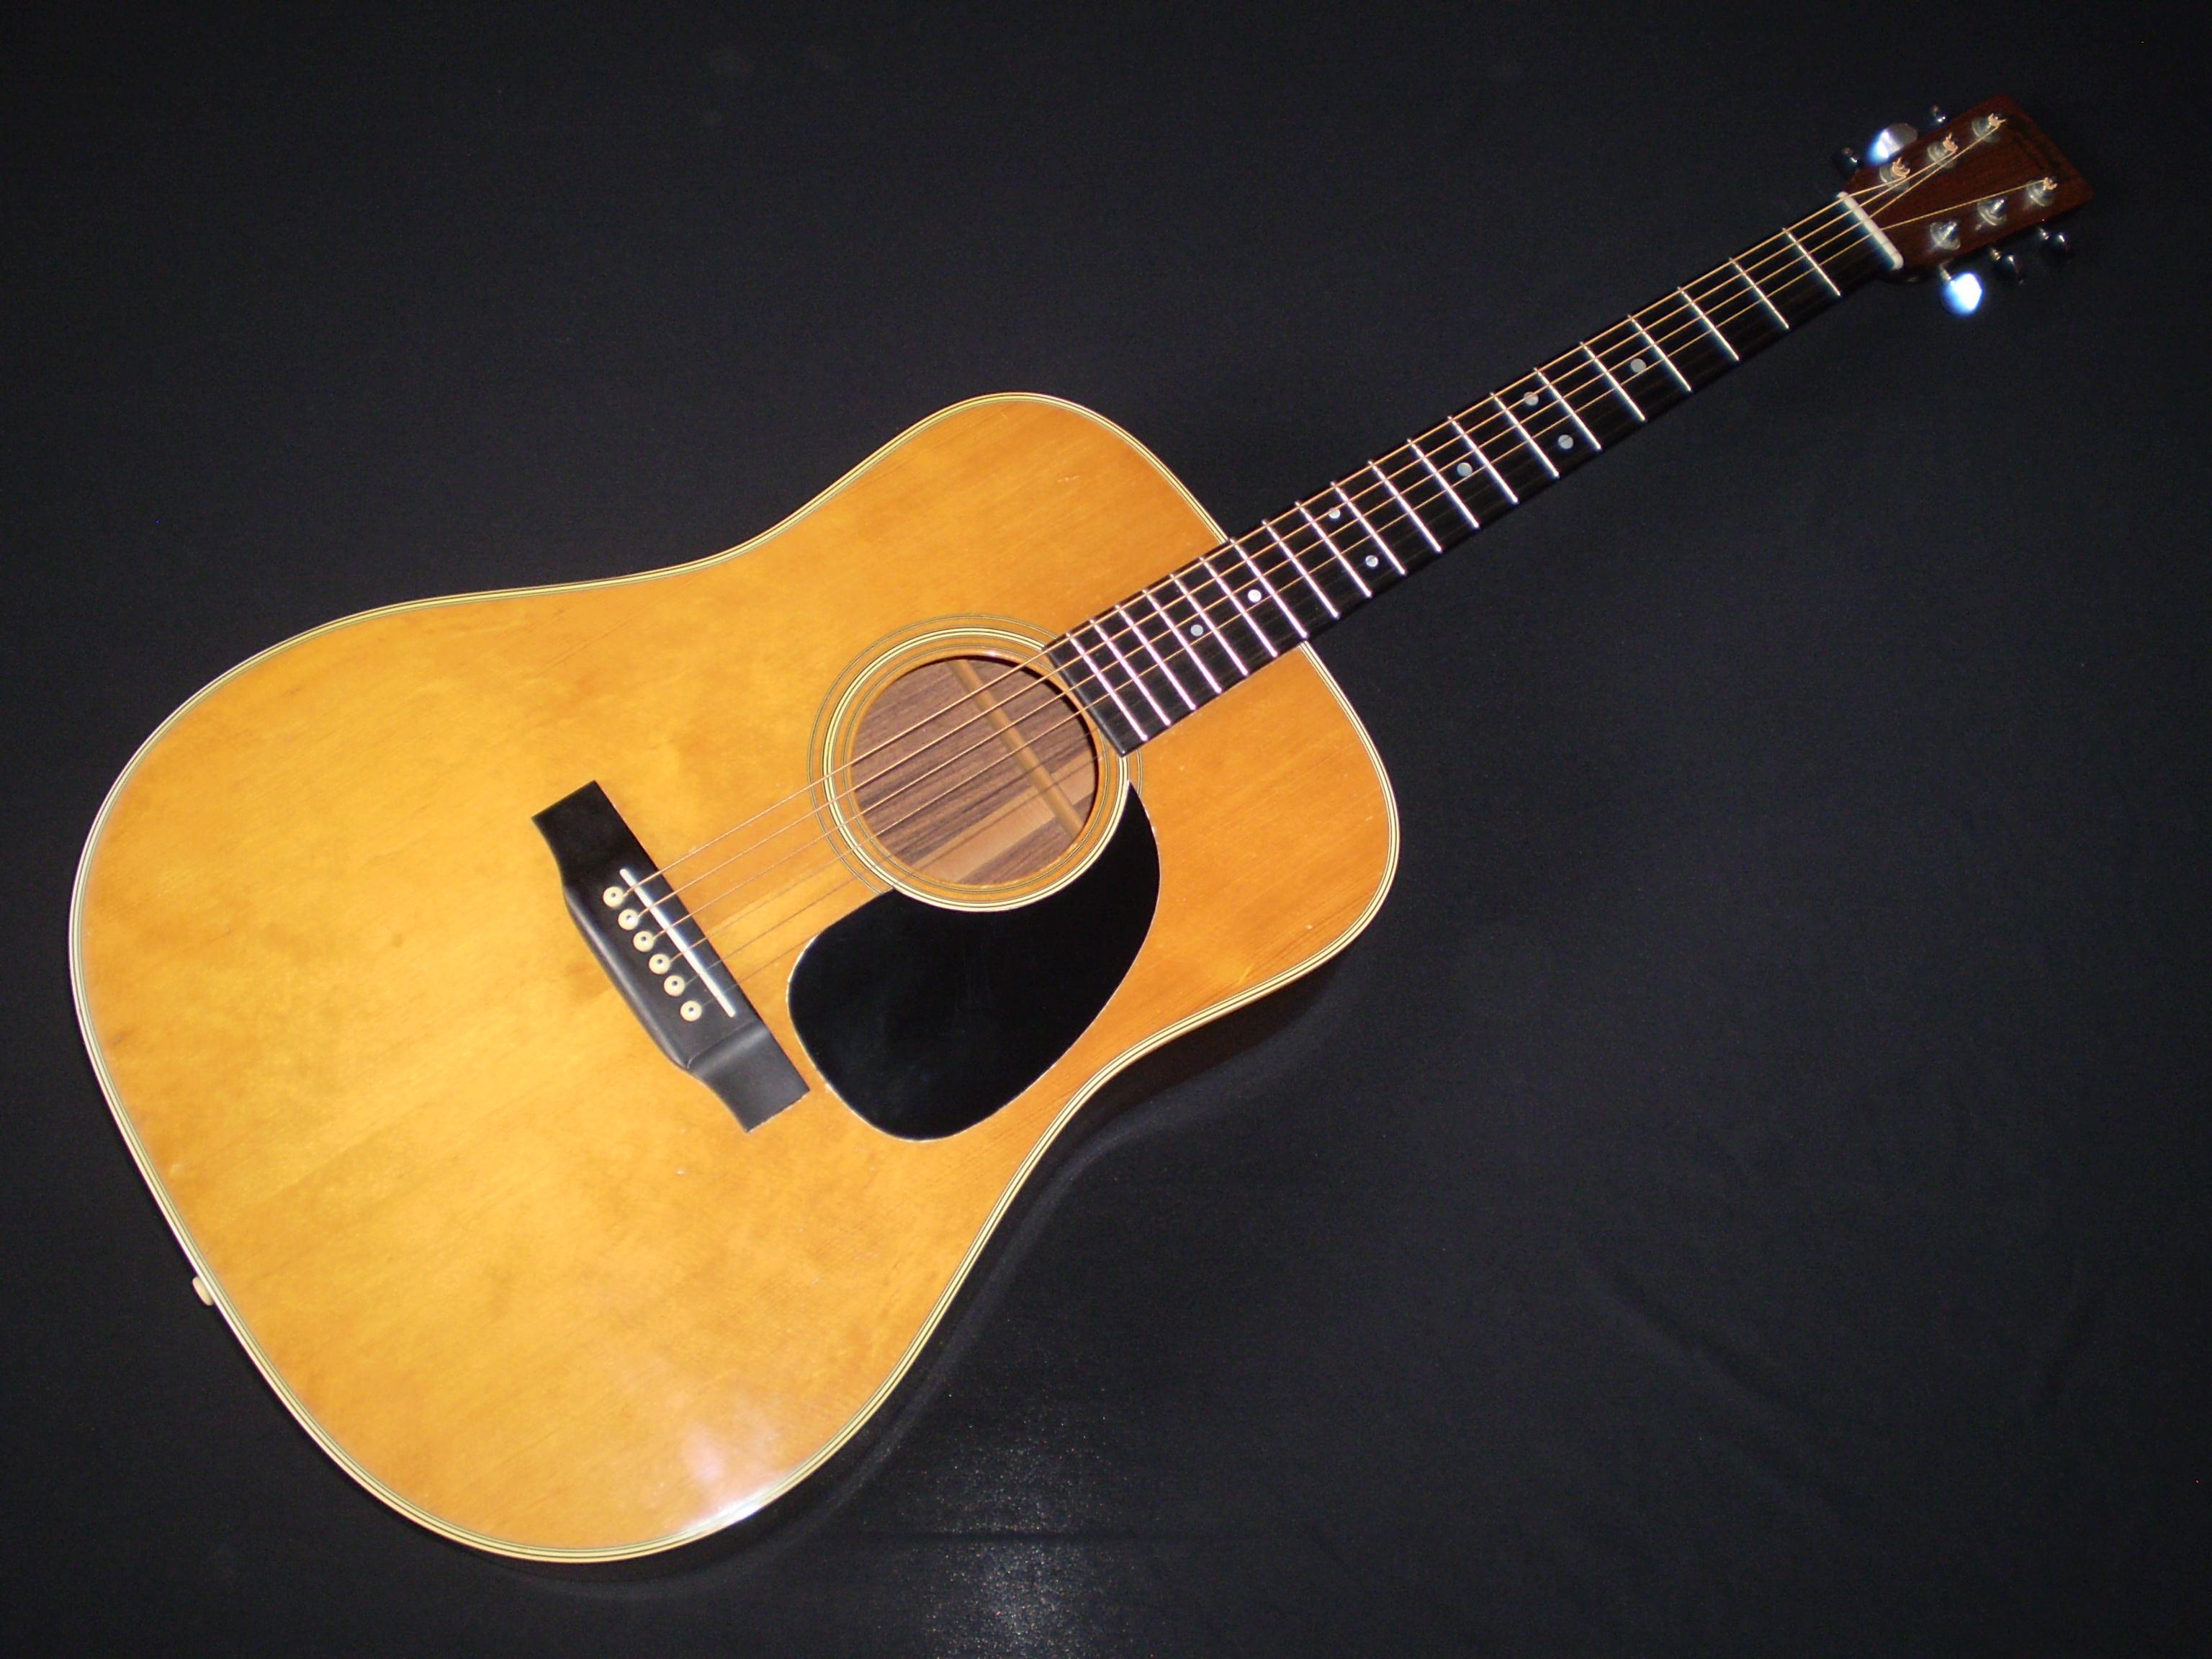 martin d28 1973 natural guitar for sale glenns guitars. Black Bedroom Furniture Sets. Home Design Ideas